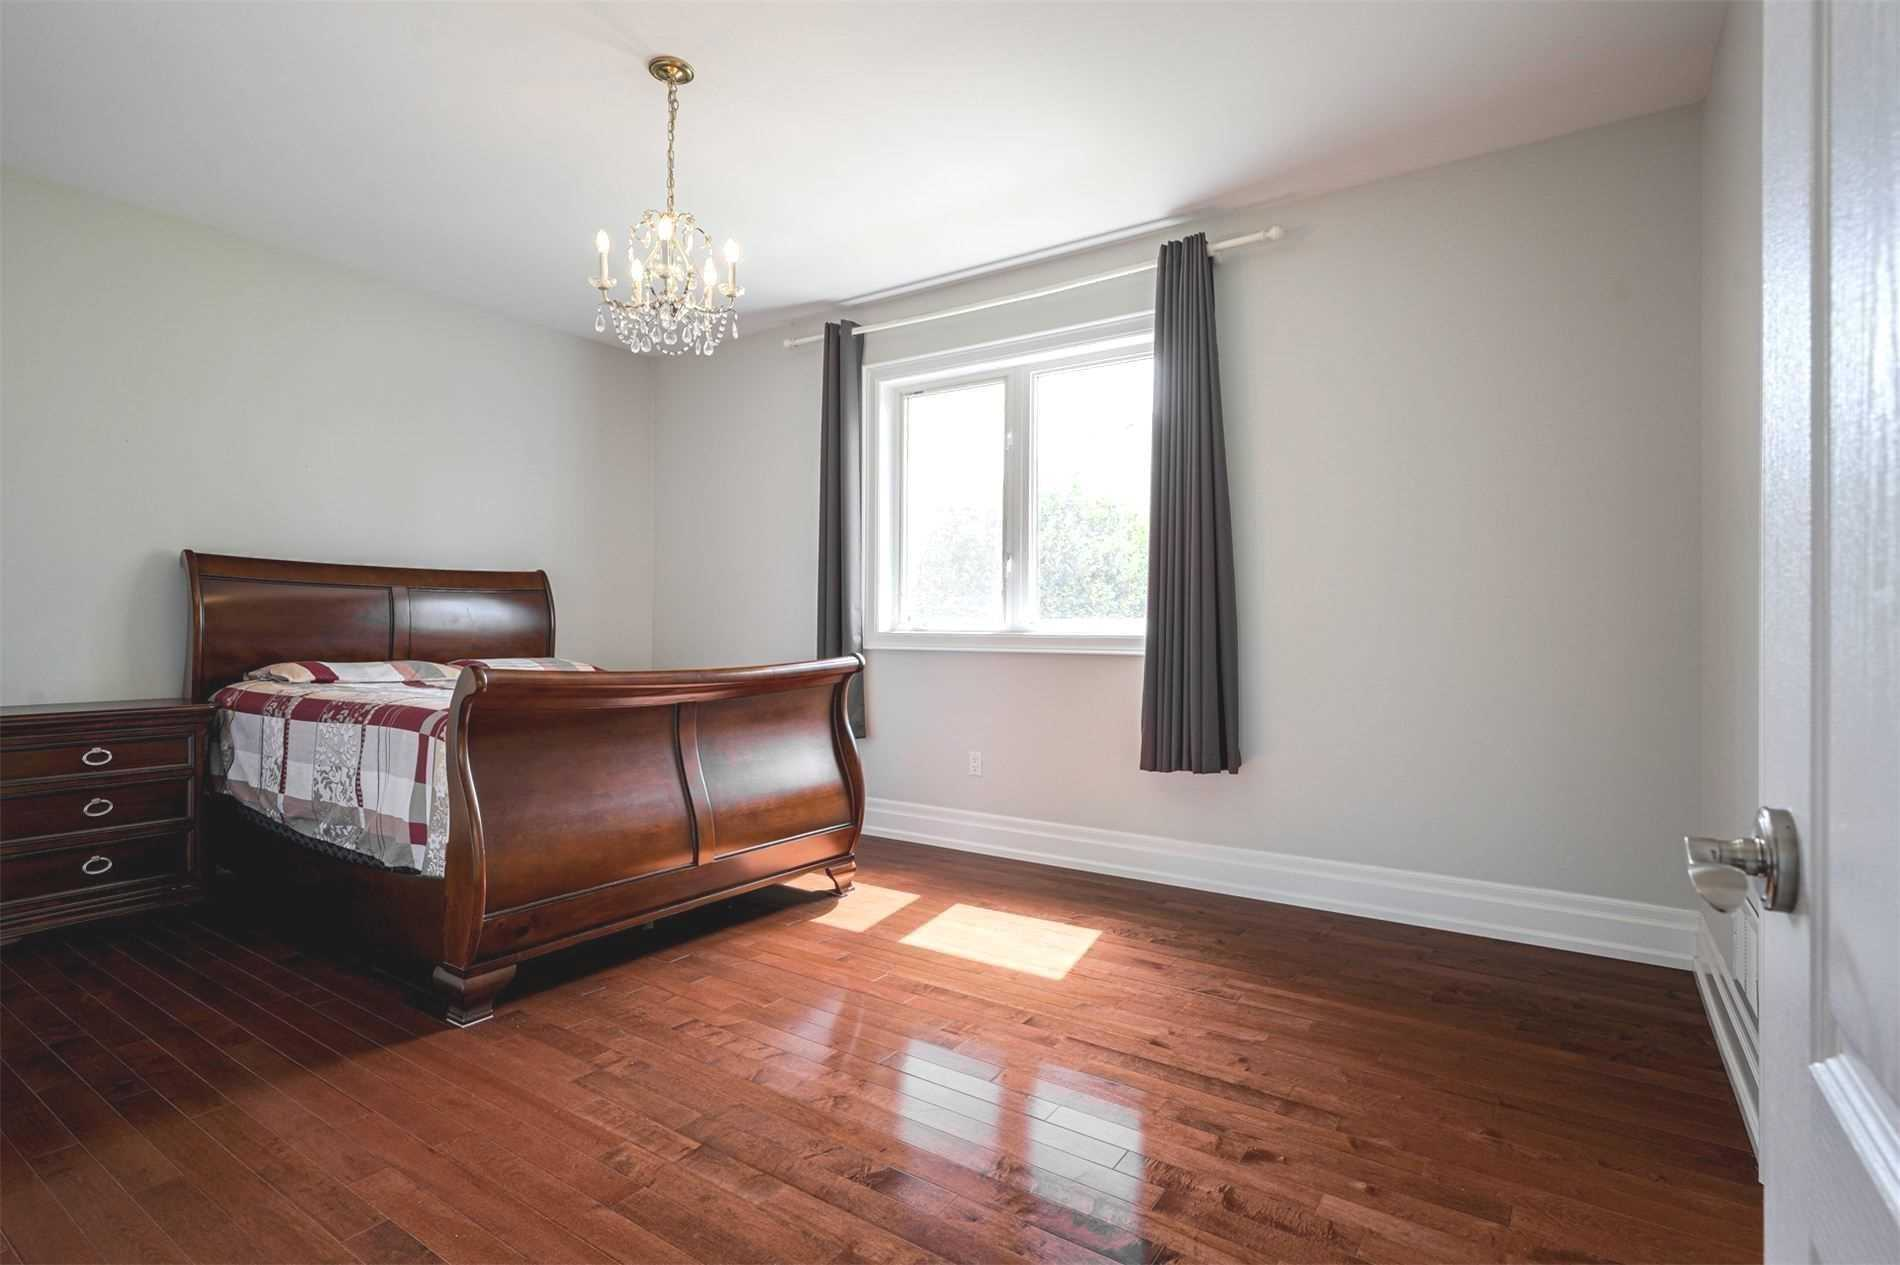 315 Highway 47 Rd - Rural Uxbridge Detached for sale, 3 Bedrooms (N5306115) - #15